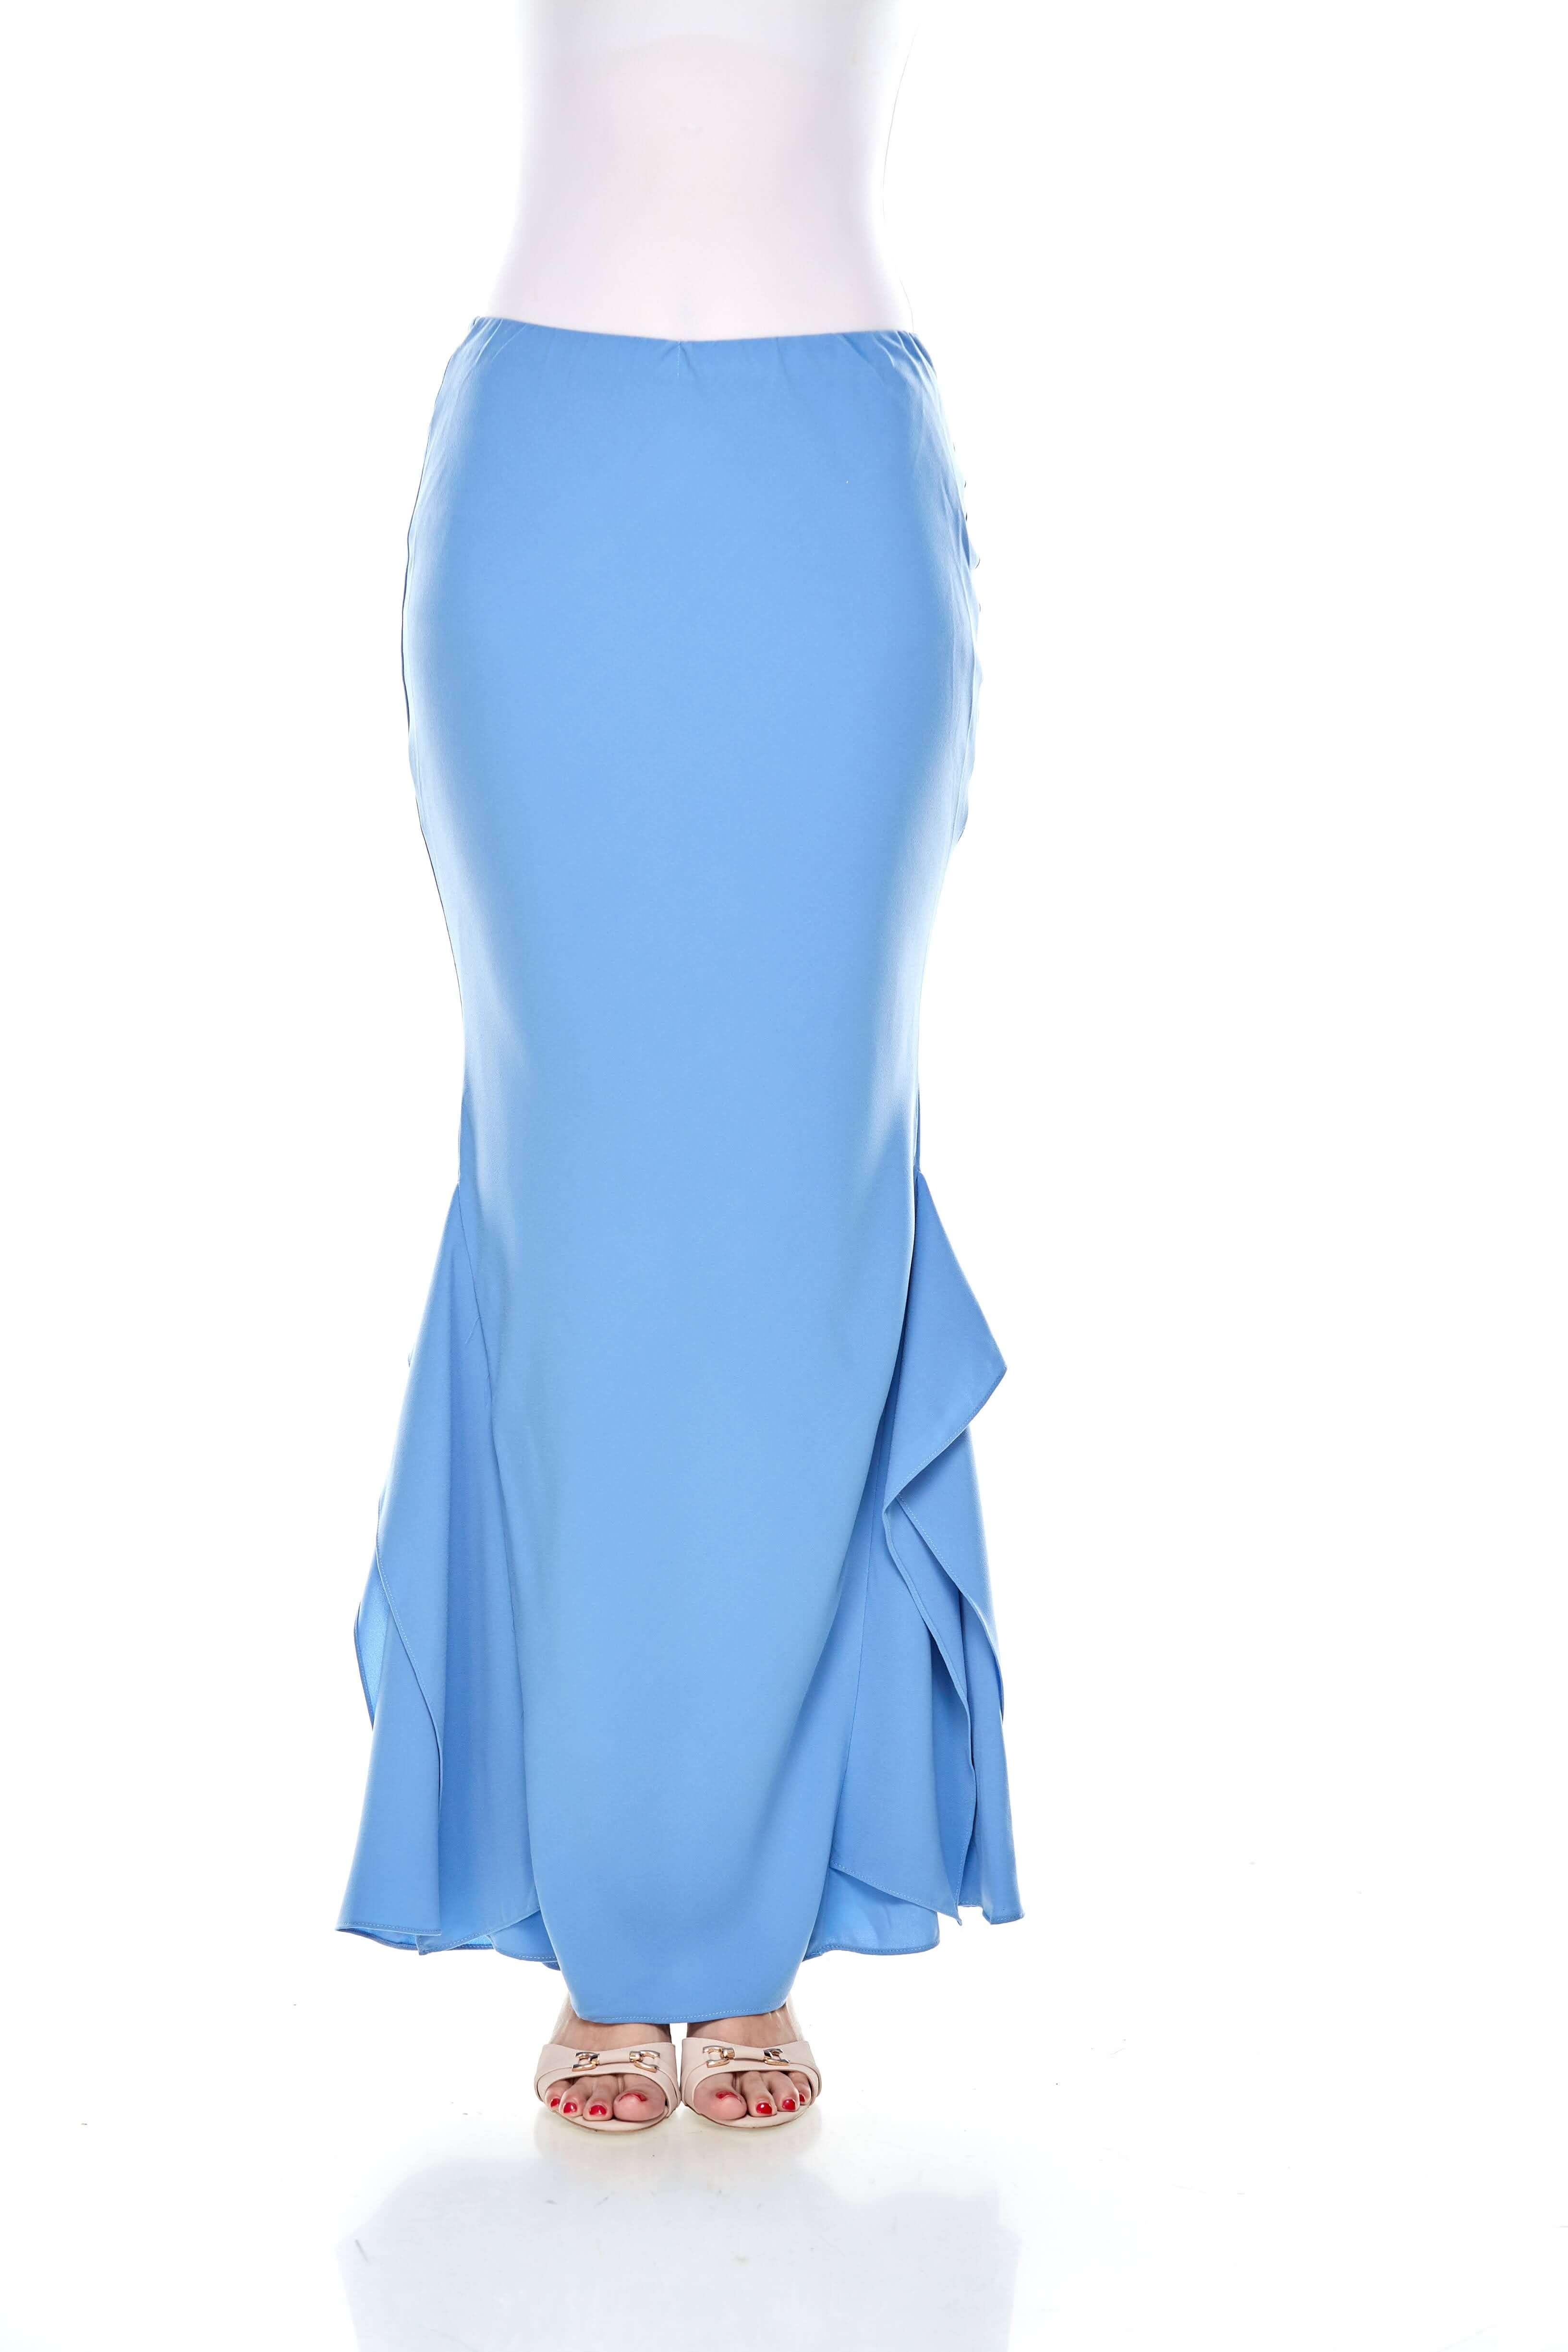 Baby Blue Ruffle Mermaid Skirt (1)